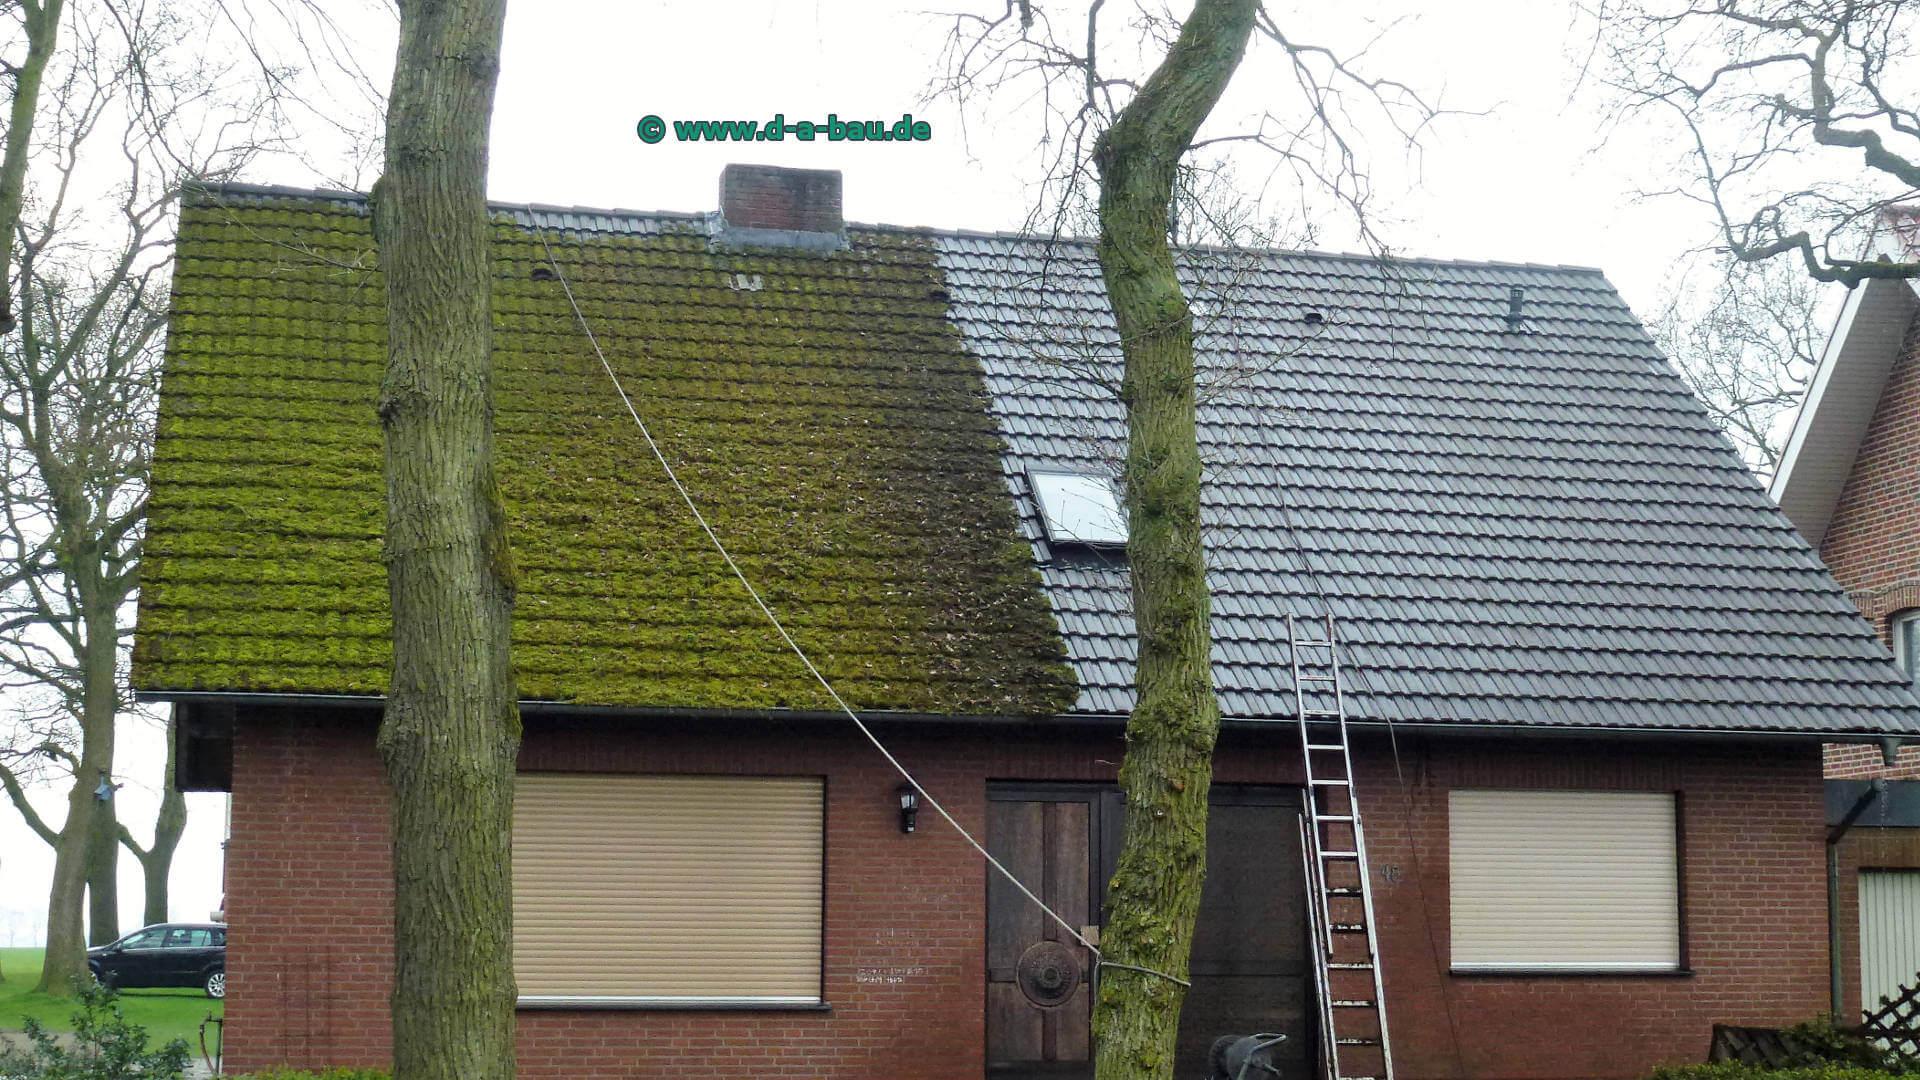 dachreinigung d und a bau reinigt ihr dach gr ndlich von moos und schmutz. Black Bedroom Furniture Sets. Home Design Ideas